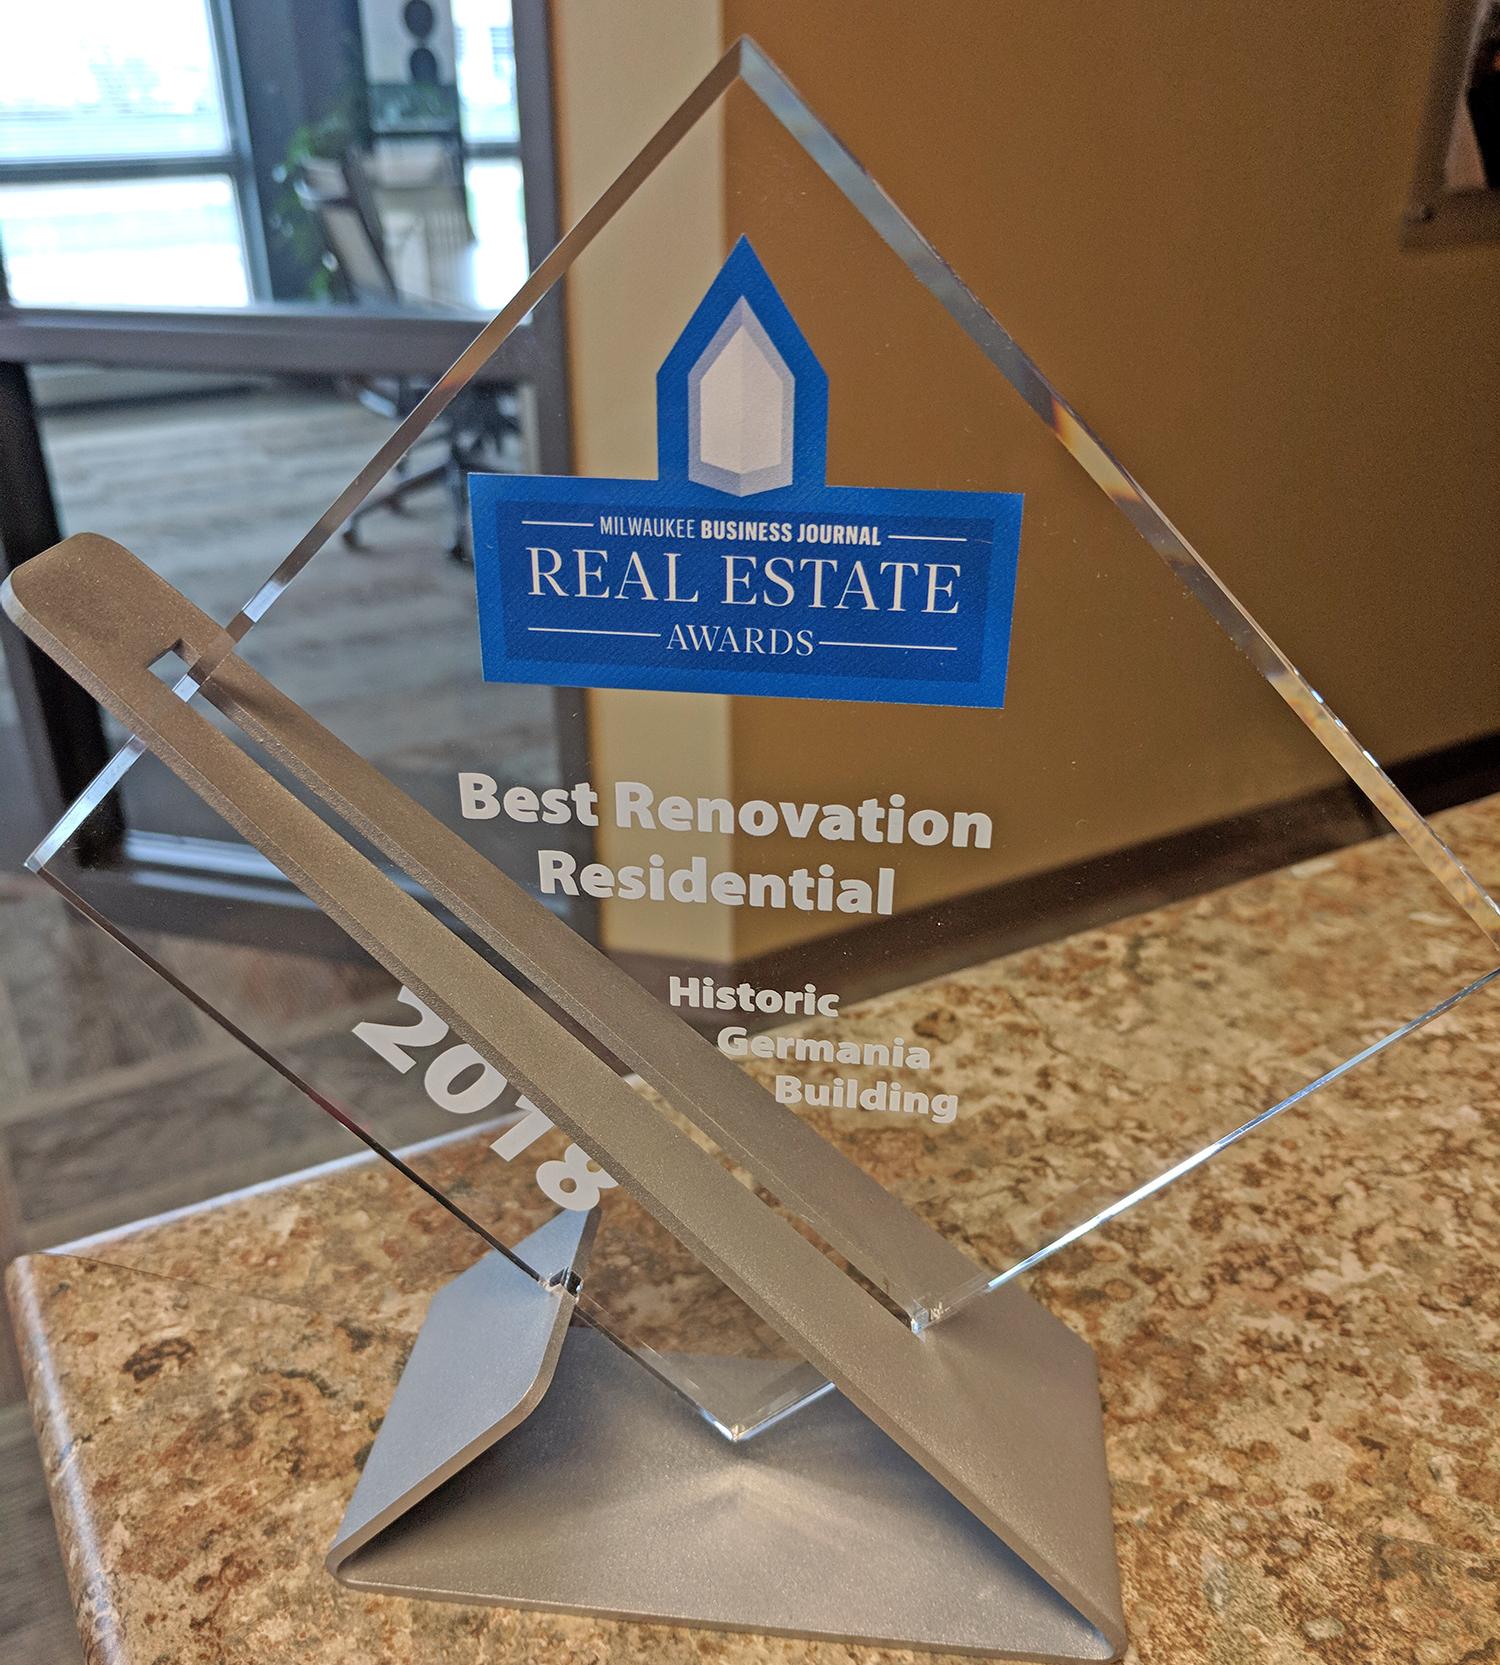 2018 Best Renovation Residential Award